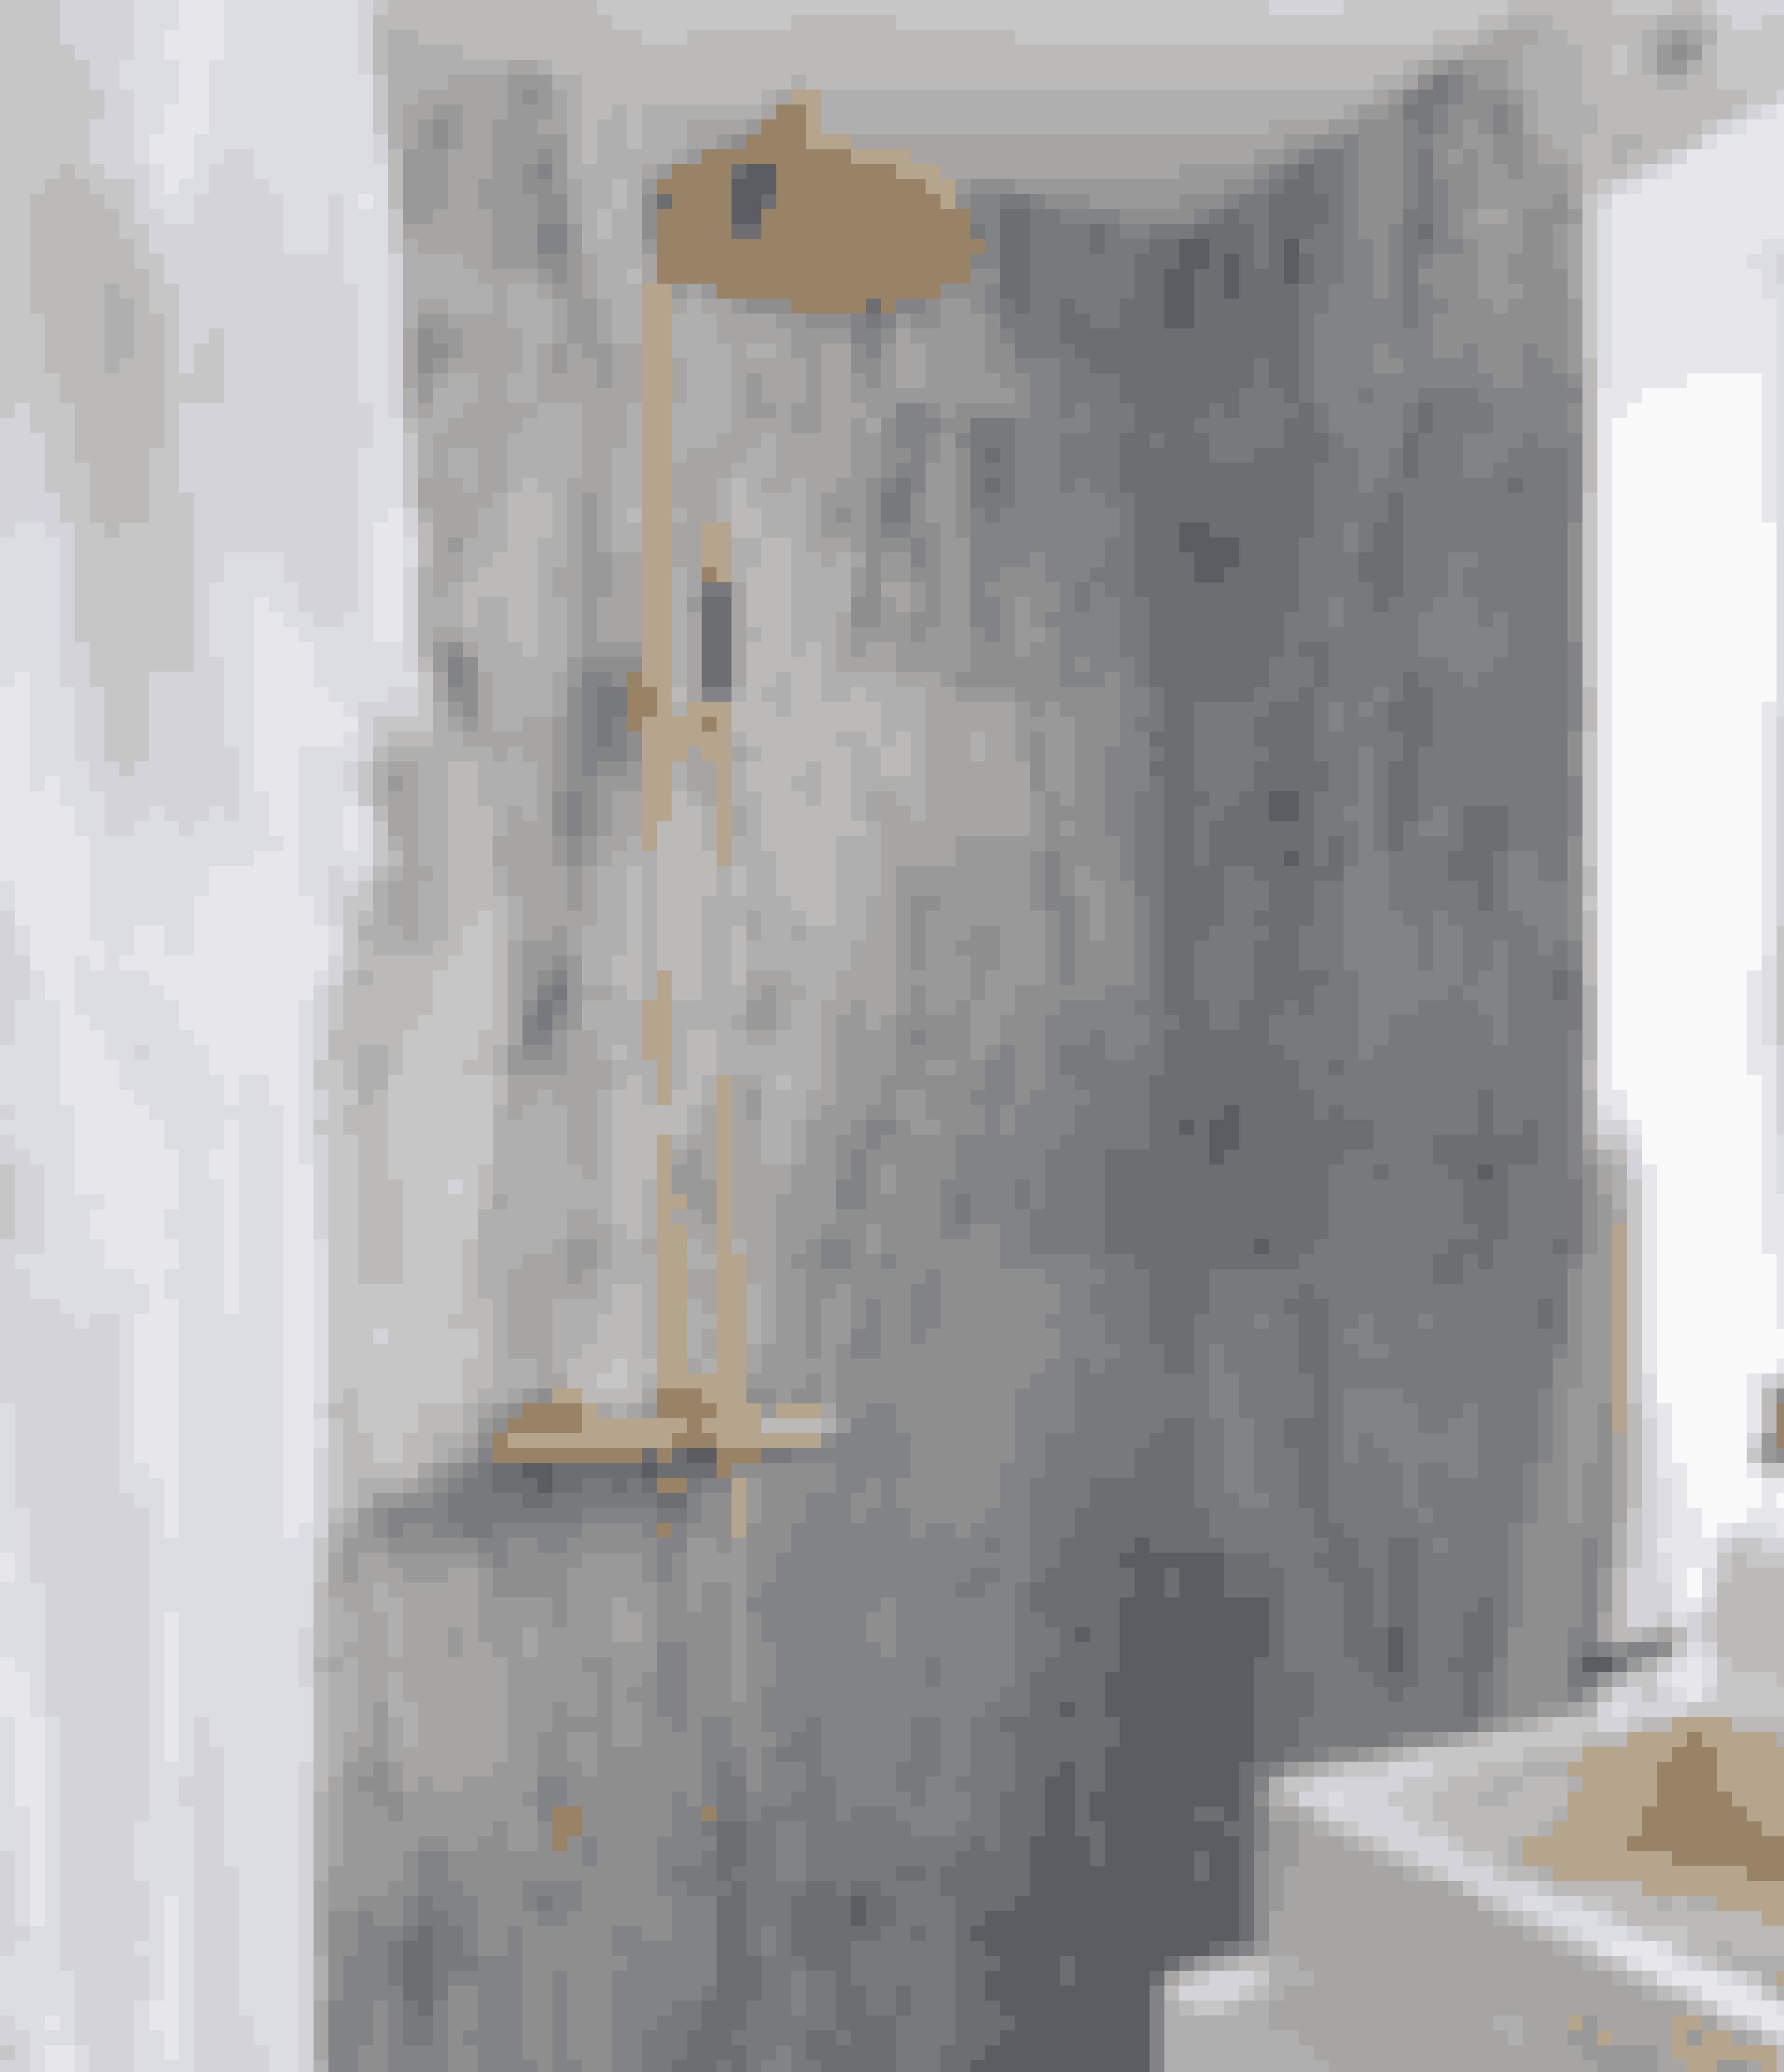 Har du et gammelt badeværelse, kan en bruser og vandhane i messing forvandle det fra bedaget marmorhule til toptrendy spa. Marmorfliser og bruser er fra Flisekompagniet.